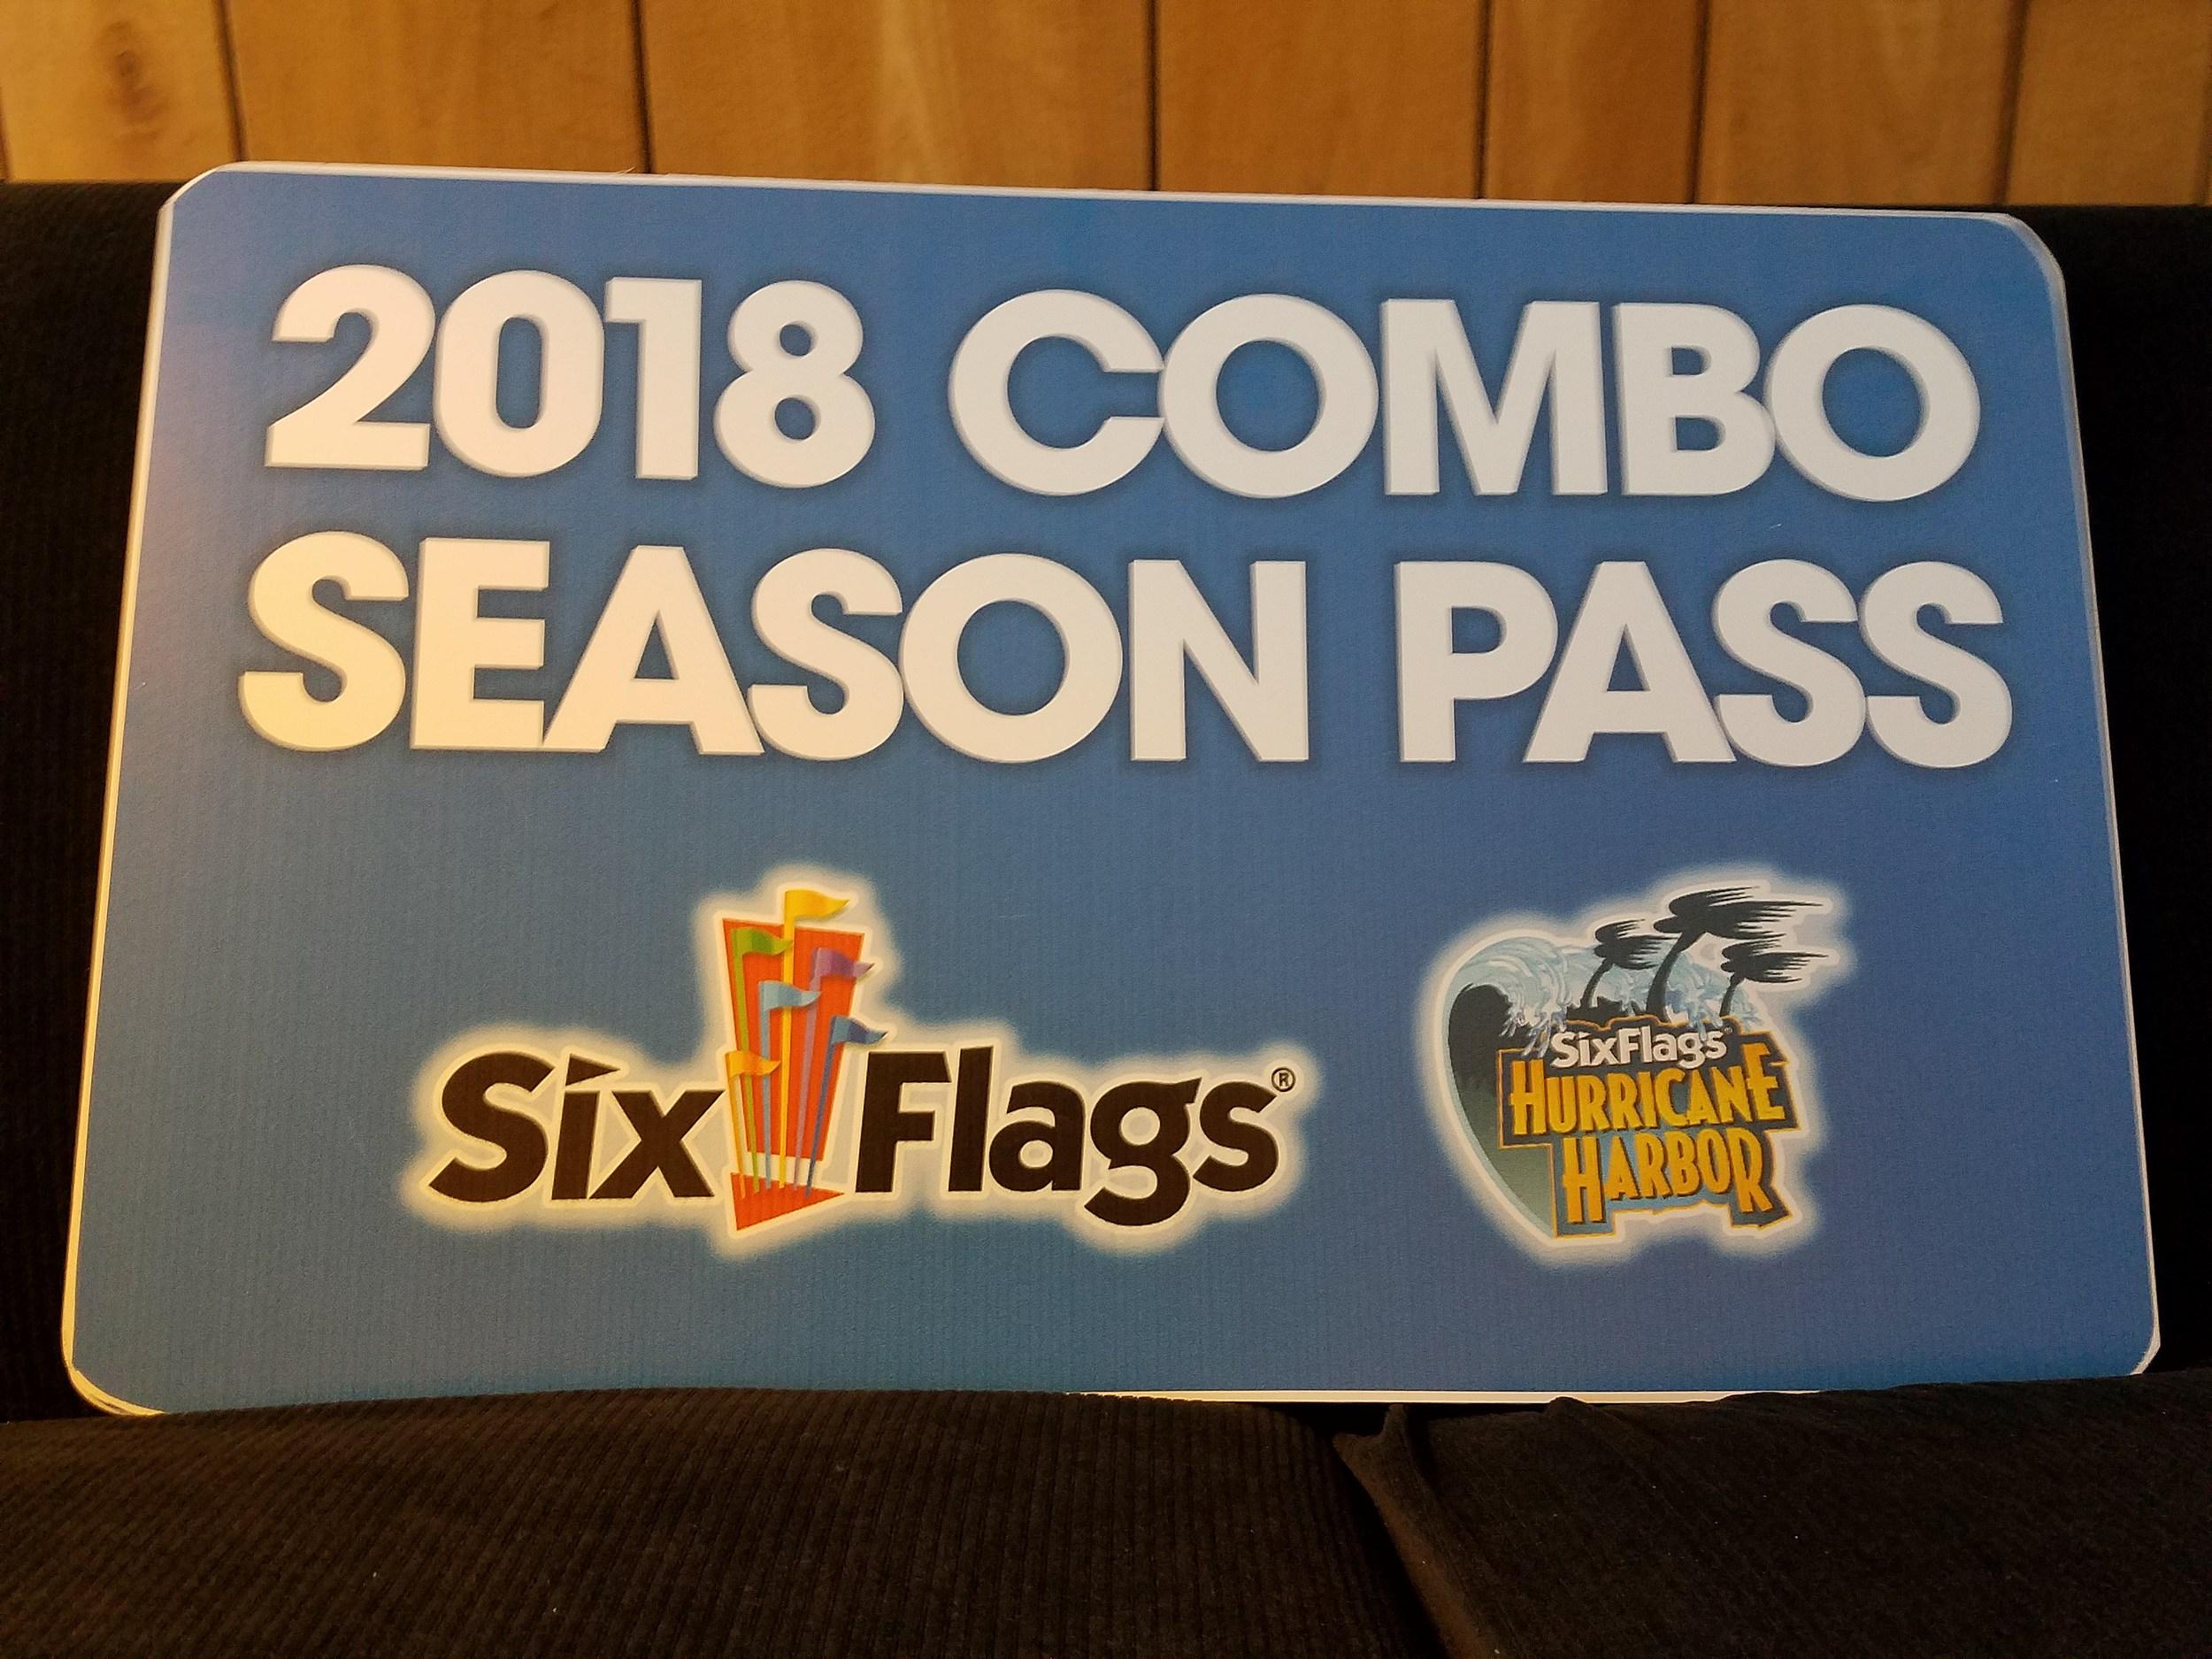 Huge Sale for Great Adventure 2018 Season Passes Starting Thursday!